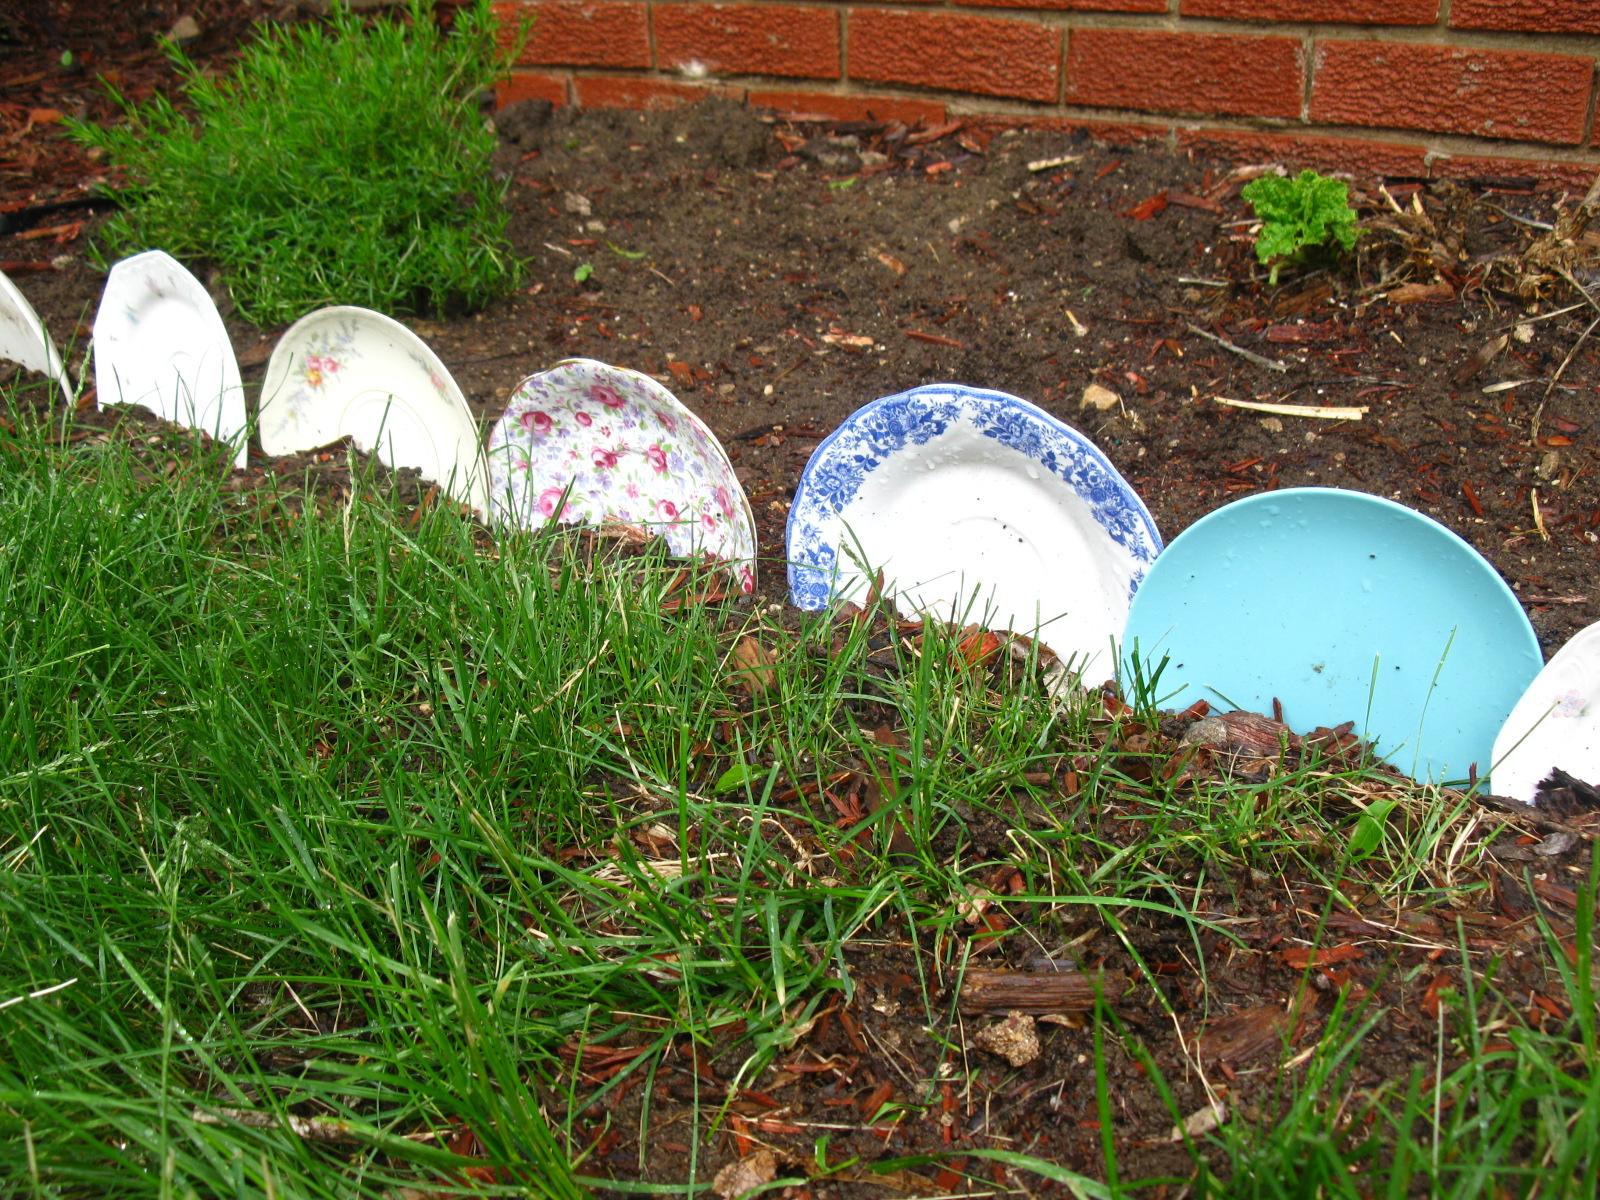 My sparrows nest shabby chic garden for Flower edging